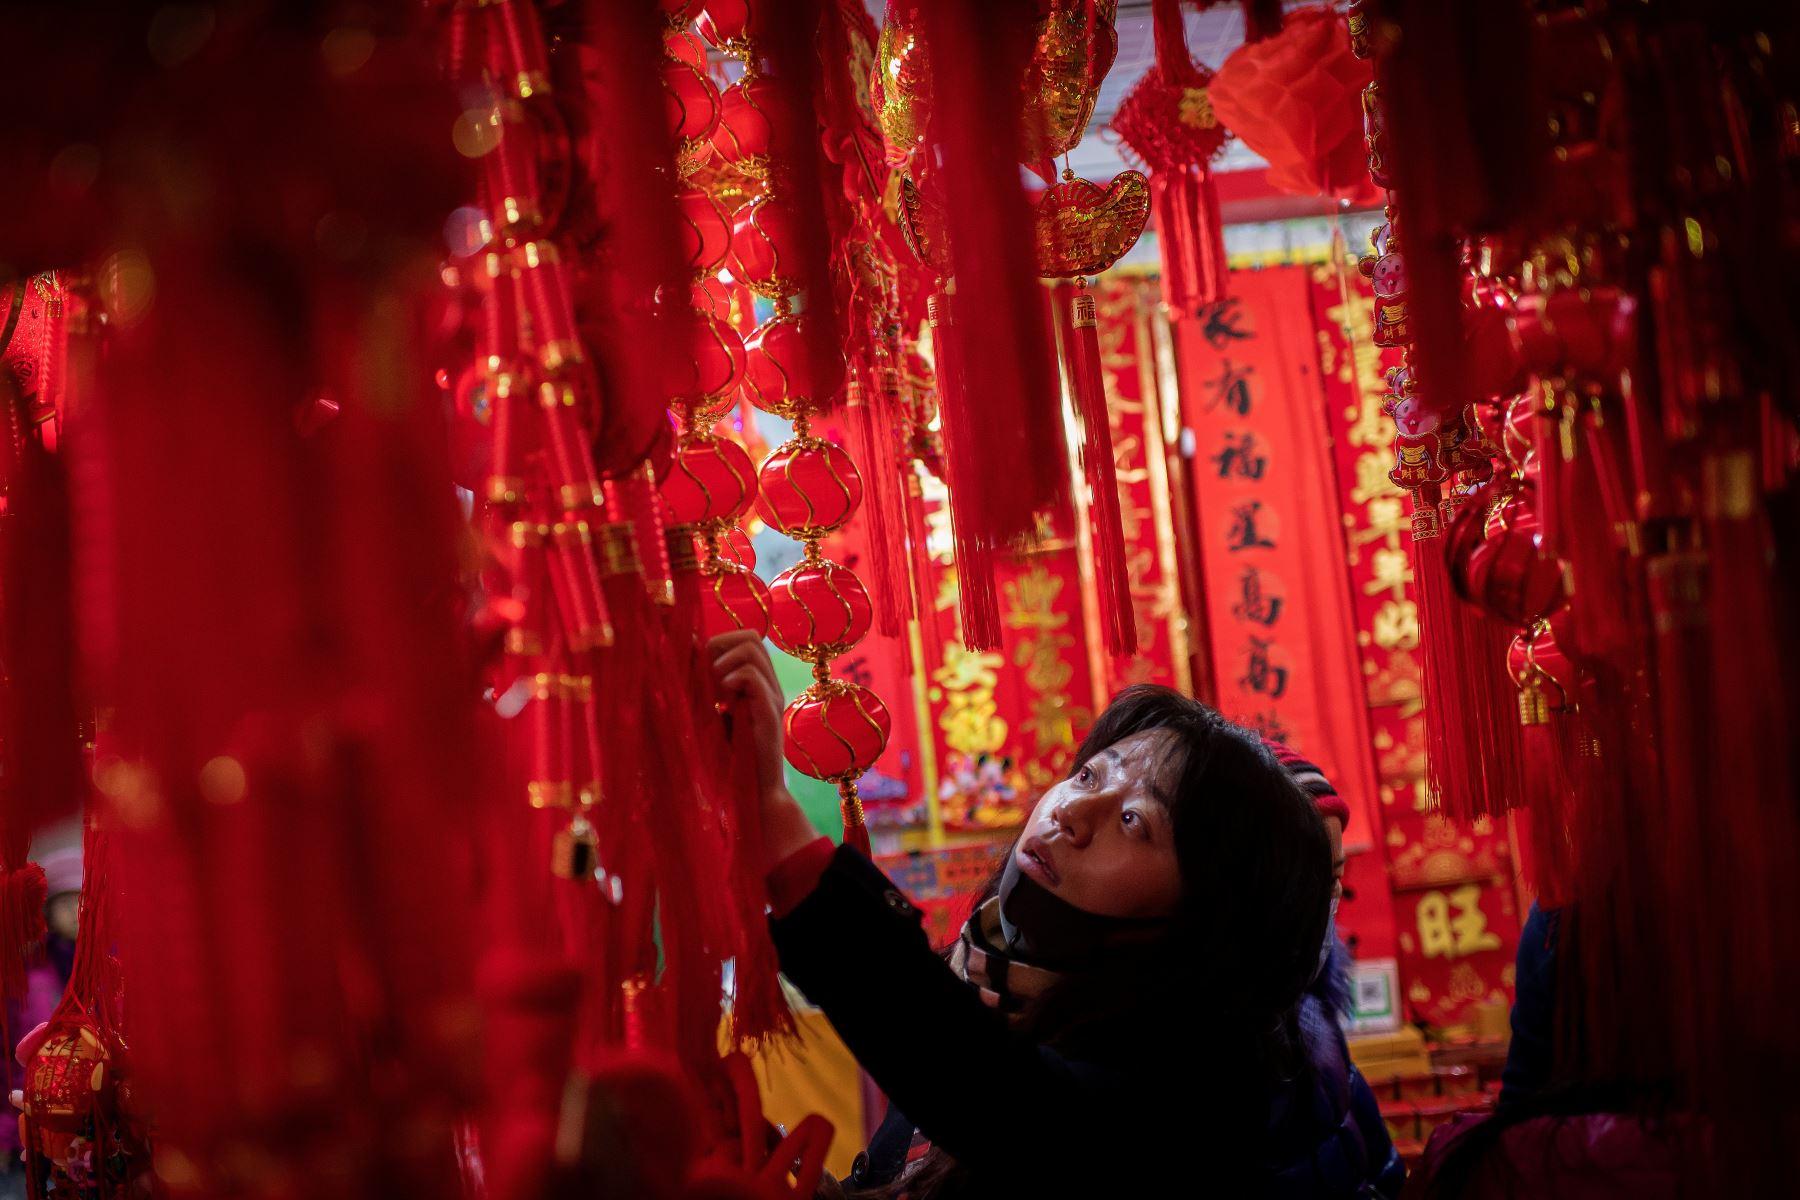 Un cliente revisa decoraciones festivas en un puesto en un mercado en Beijing antes del Año Nuevo Lunar de la Rata. Foto: AFP